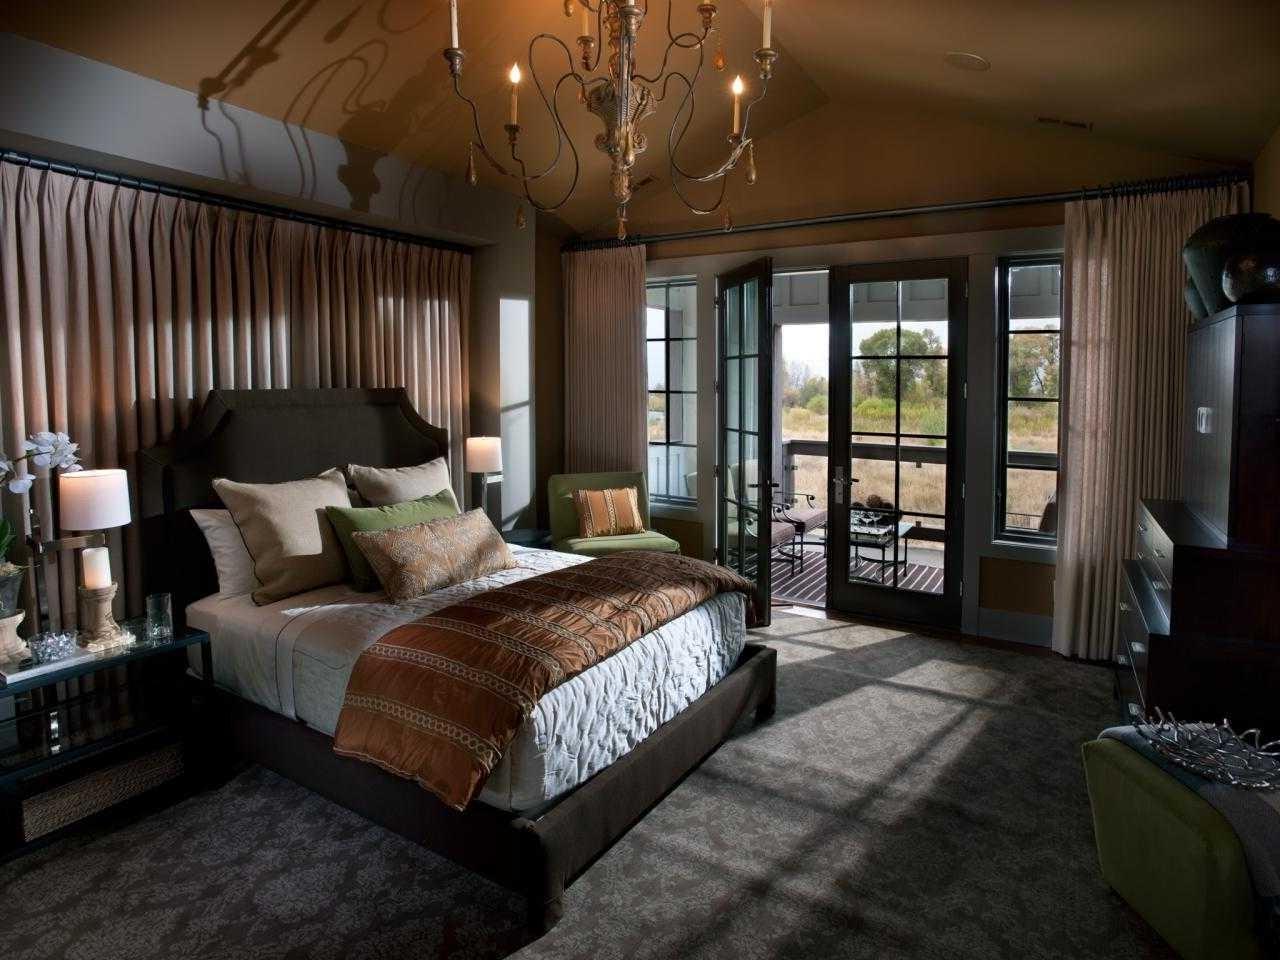 Chandeliers In Bedrooms Trends With Bedroom Chandelier Lighting Inside Most Recent Chandeliers In The Bedroom (View 10 of 20)